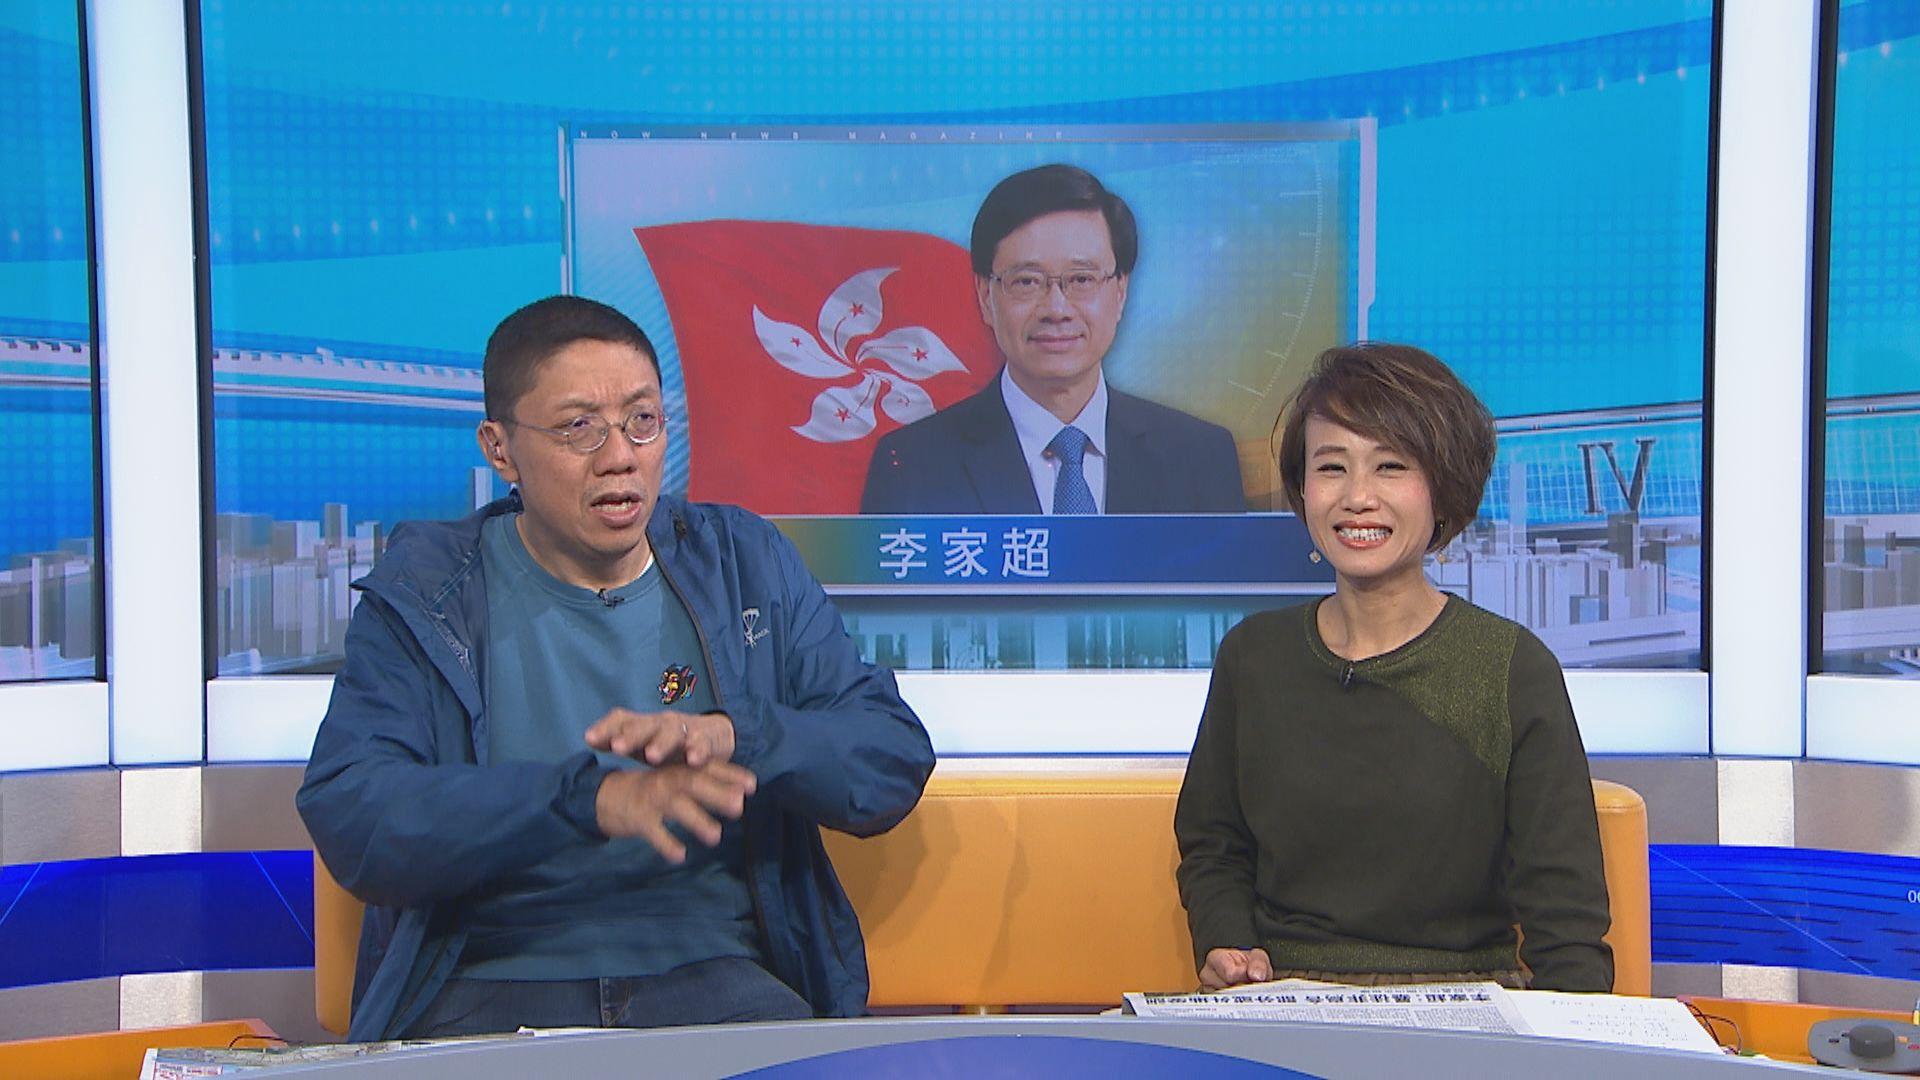 【MAX觀點】稱示威者曾接受外國訓練 李家超借題發揮為迎合北京?